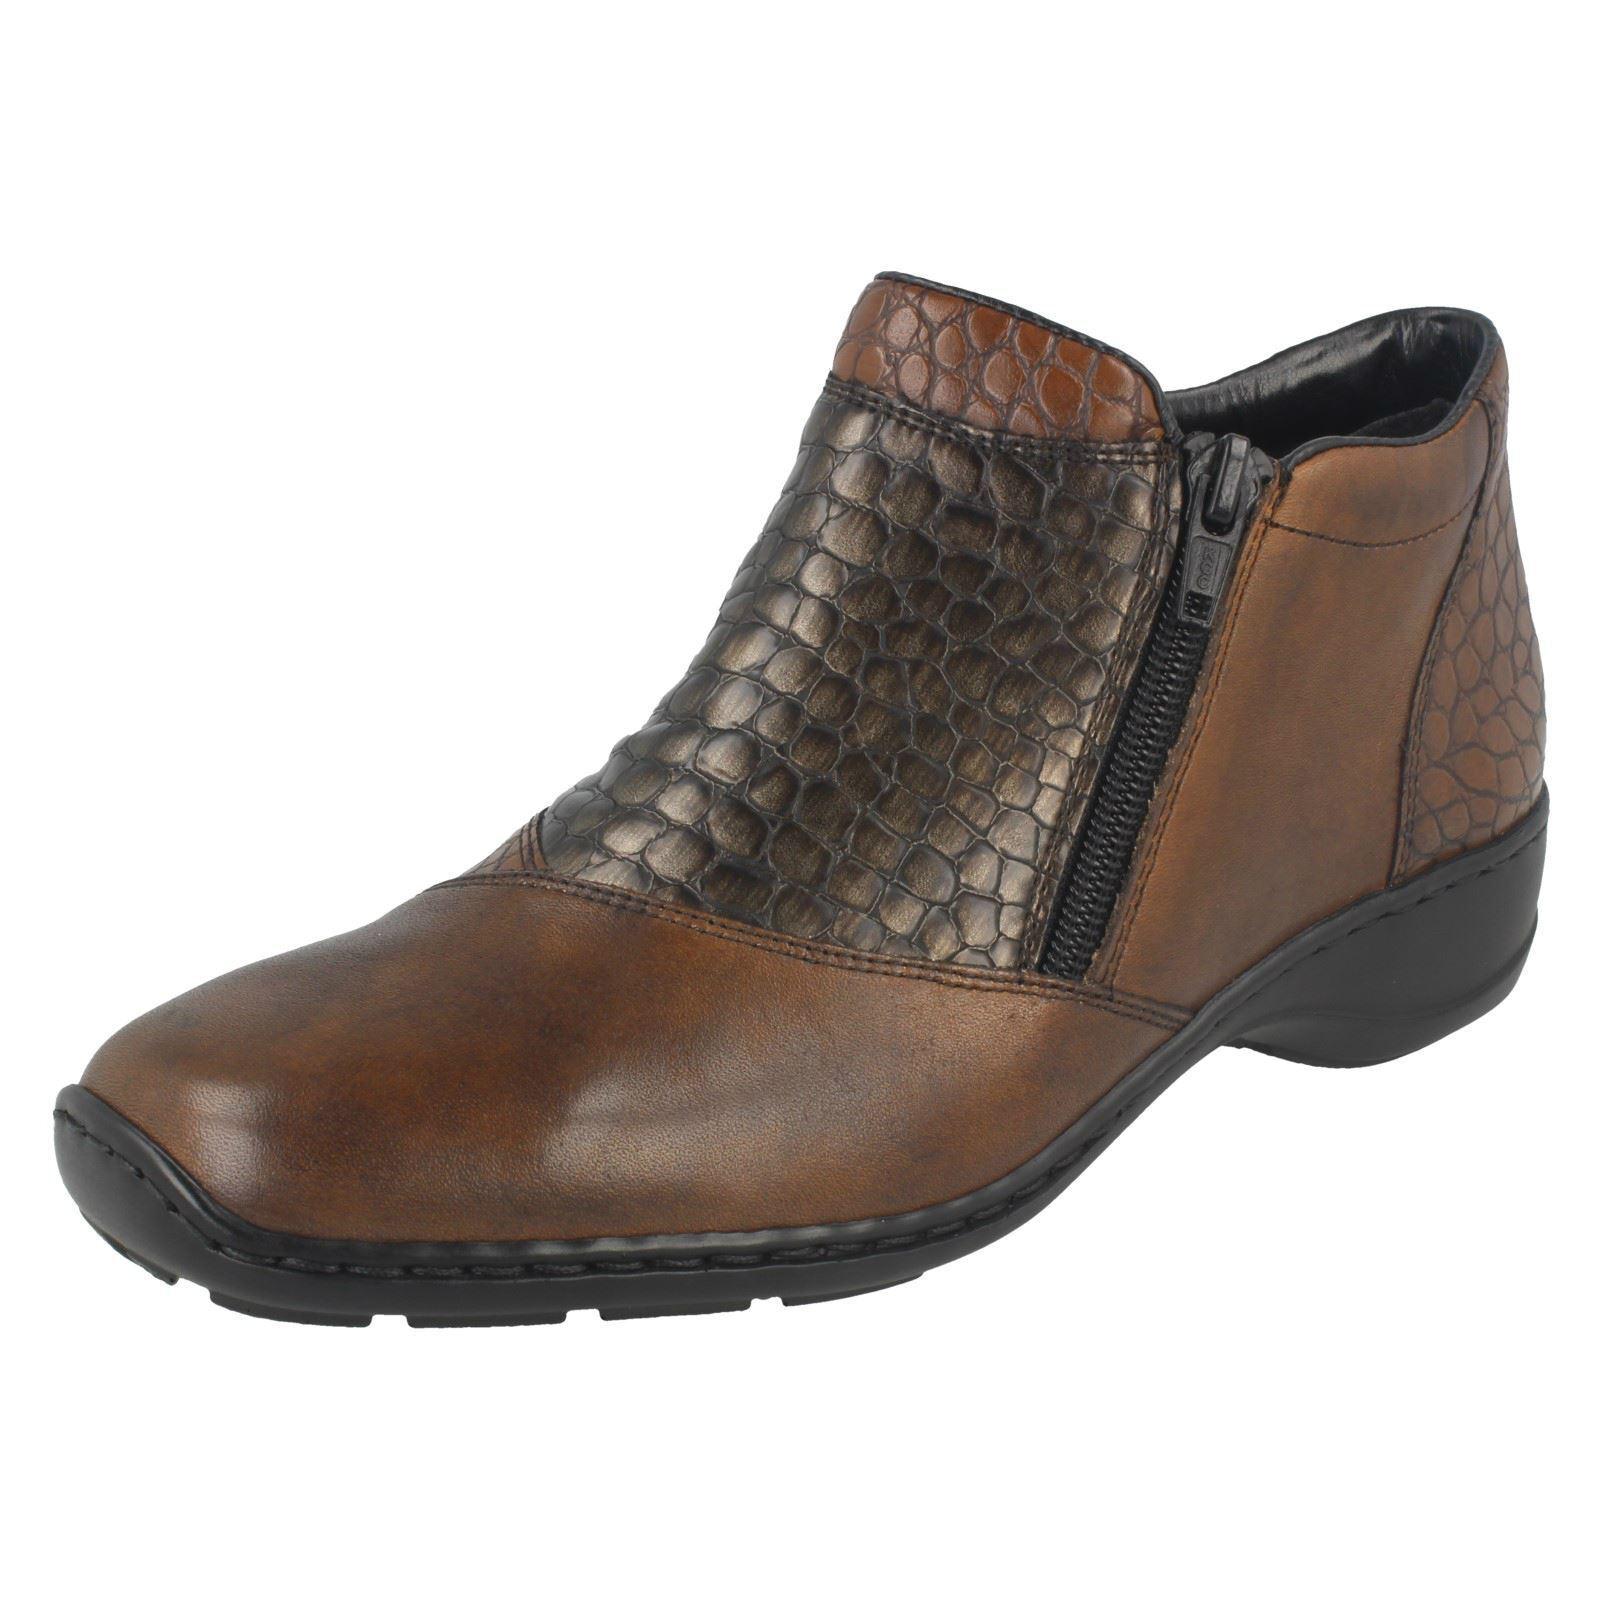 Rieker Rieker Rieker Ladies Ankle Boots 58359 e9cf13